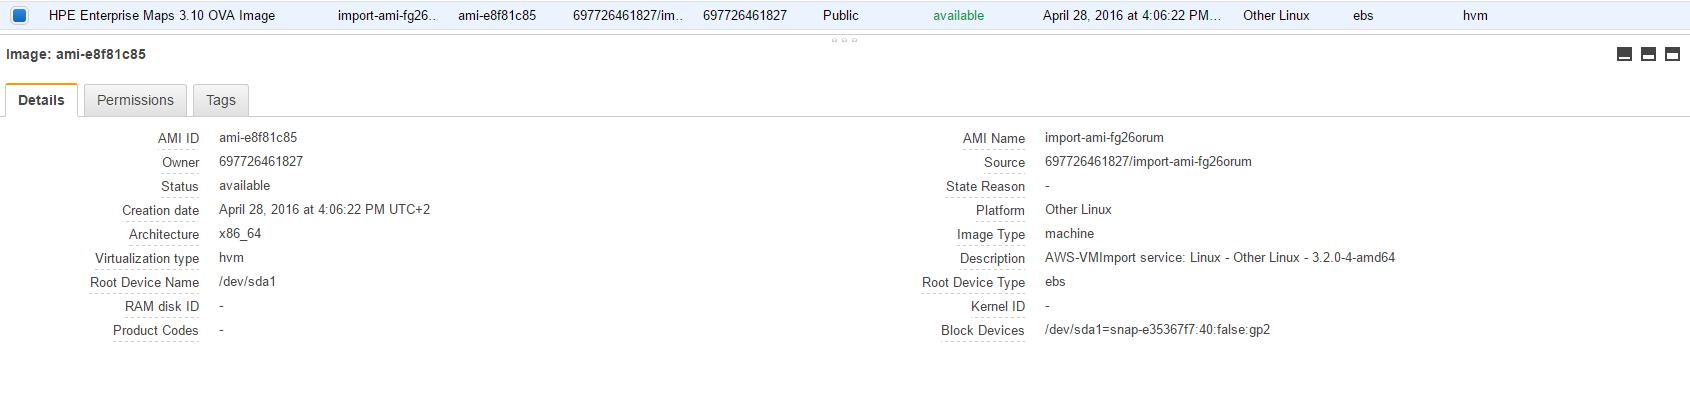 AMI details for Enterprise Maps 3.10